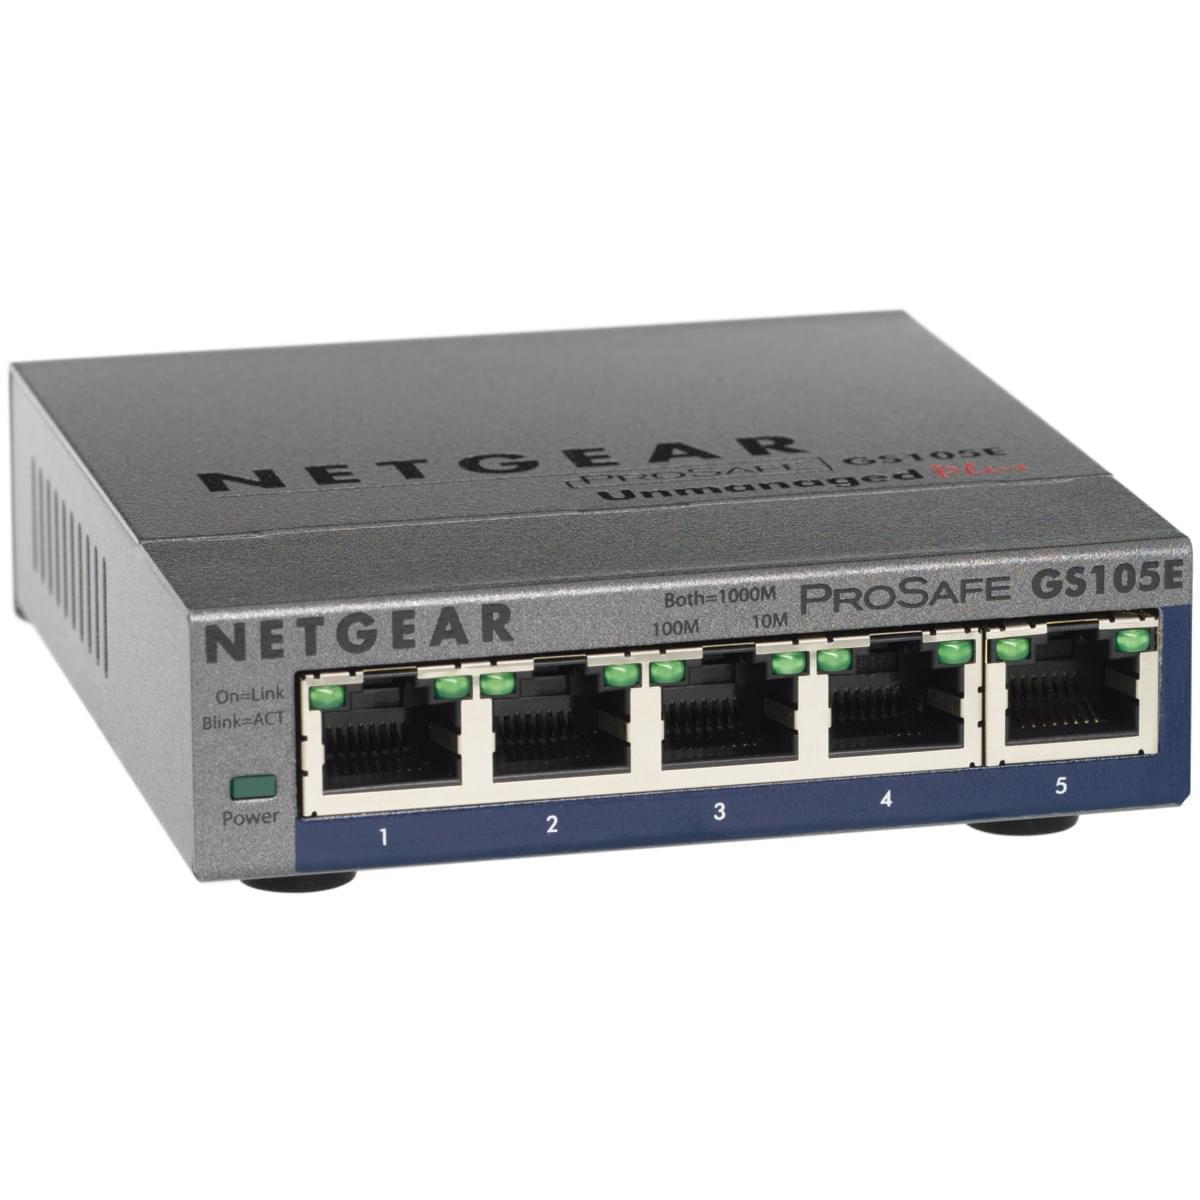 Switch Netgear 5 ports 10/100/1000 GS105E v2 - Cybertek.fr - 0